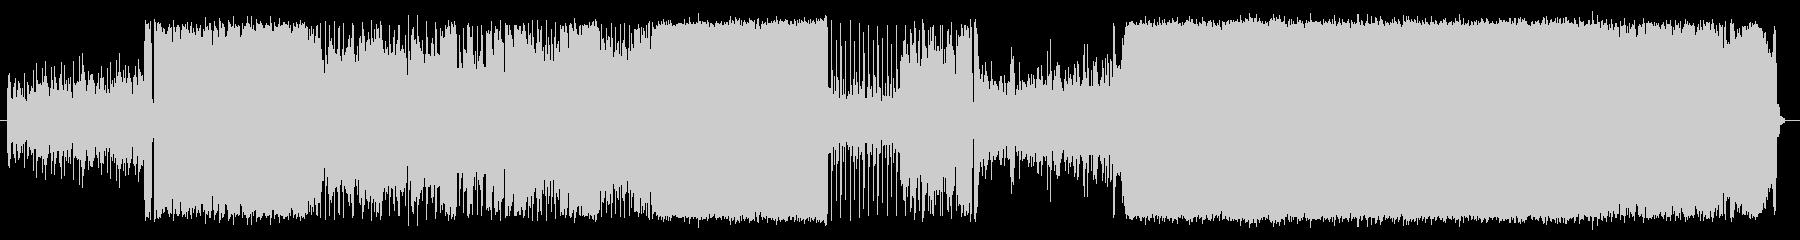 バラードインストの未再生の波形